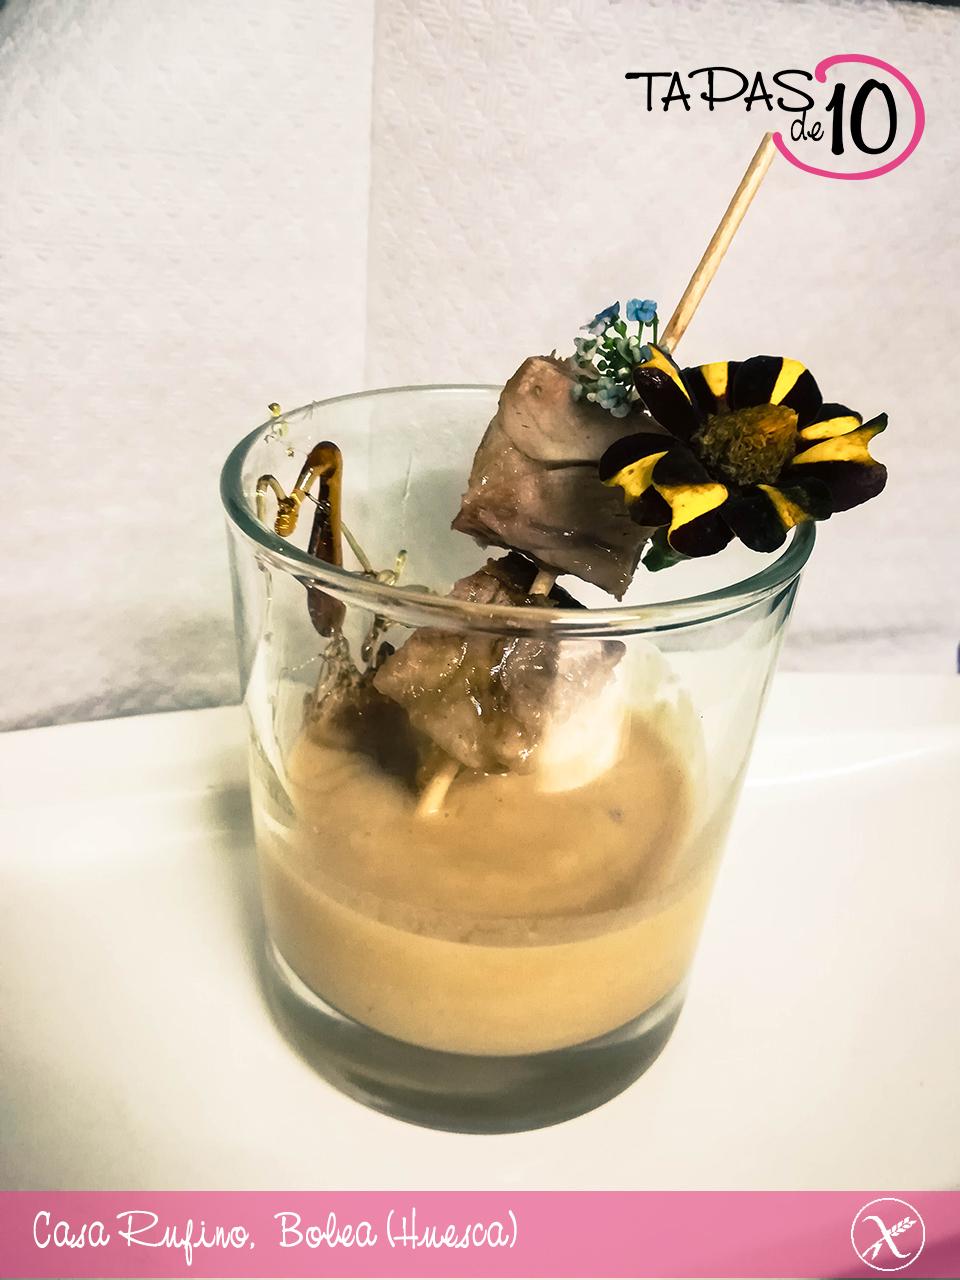 El caf bar el punto ganador del concurso tapas de 10 de la hoya de huesca tapas de 10 - Casa rufino bolea ...